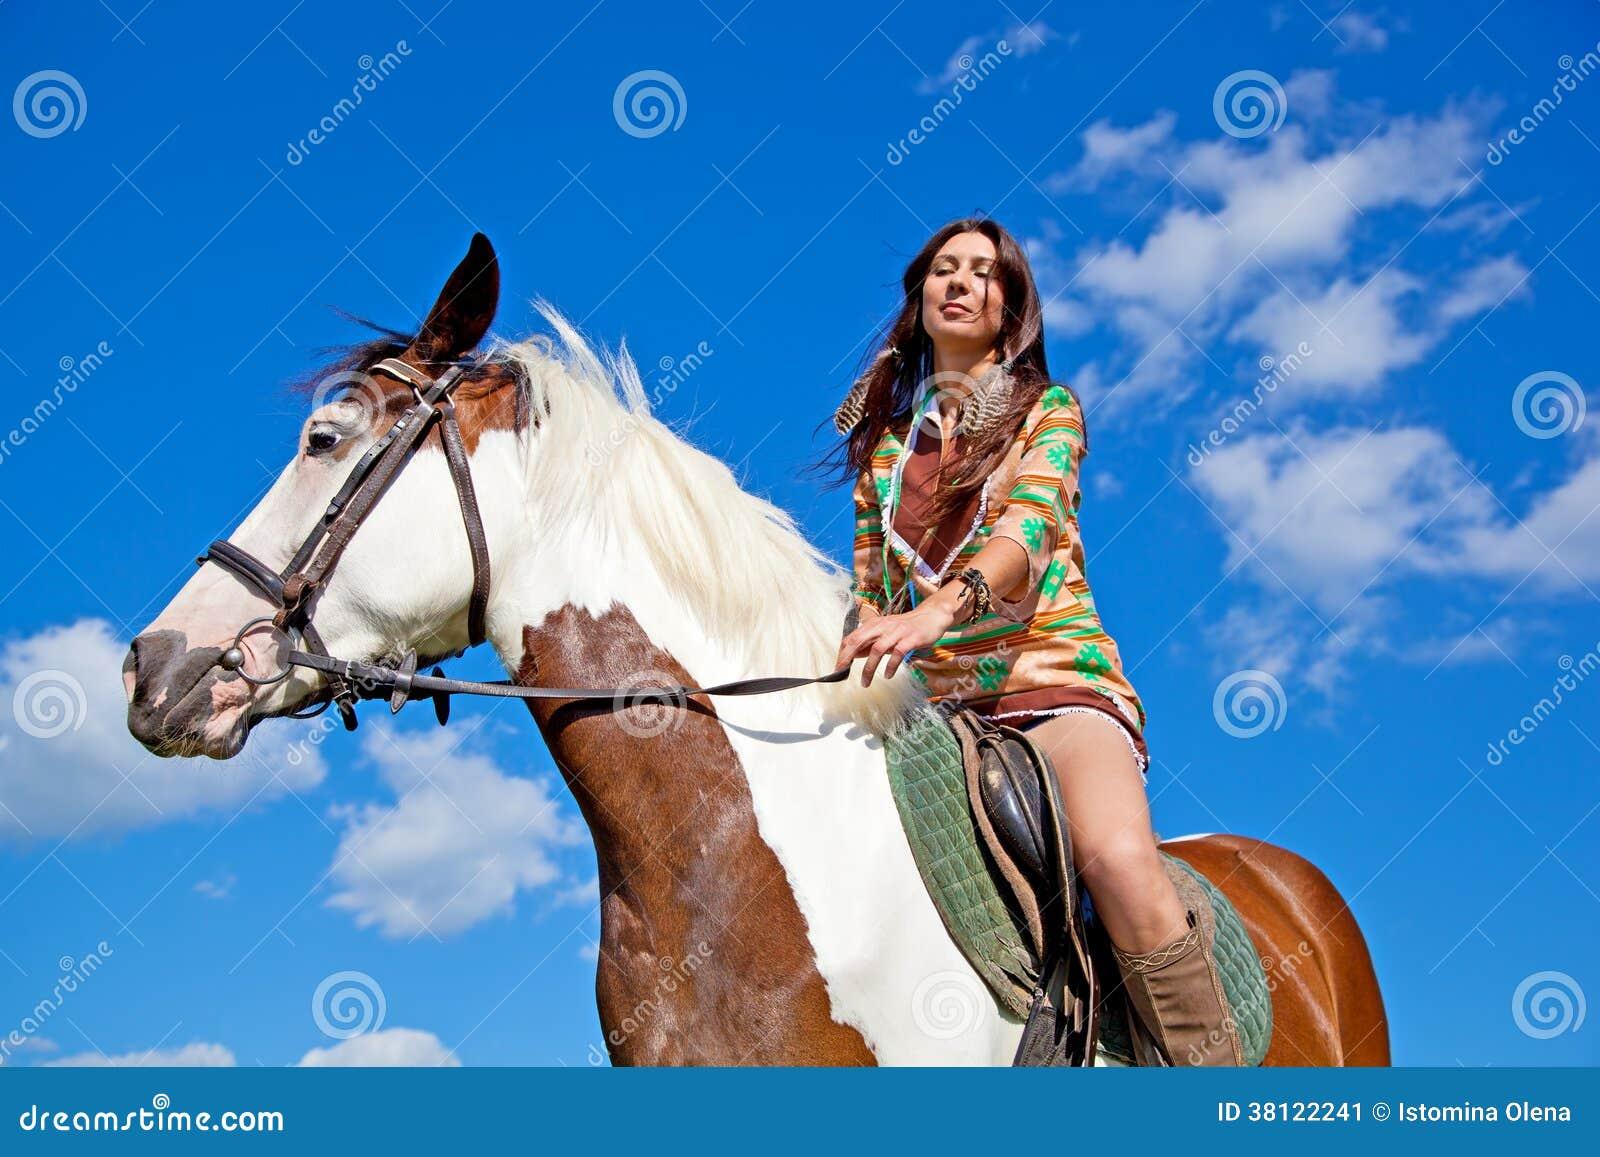 Una ragazza monta un cavallo della pittura immagine stock - Colorazione immagine di una ragazza ...